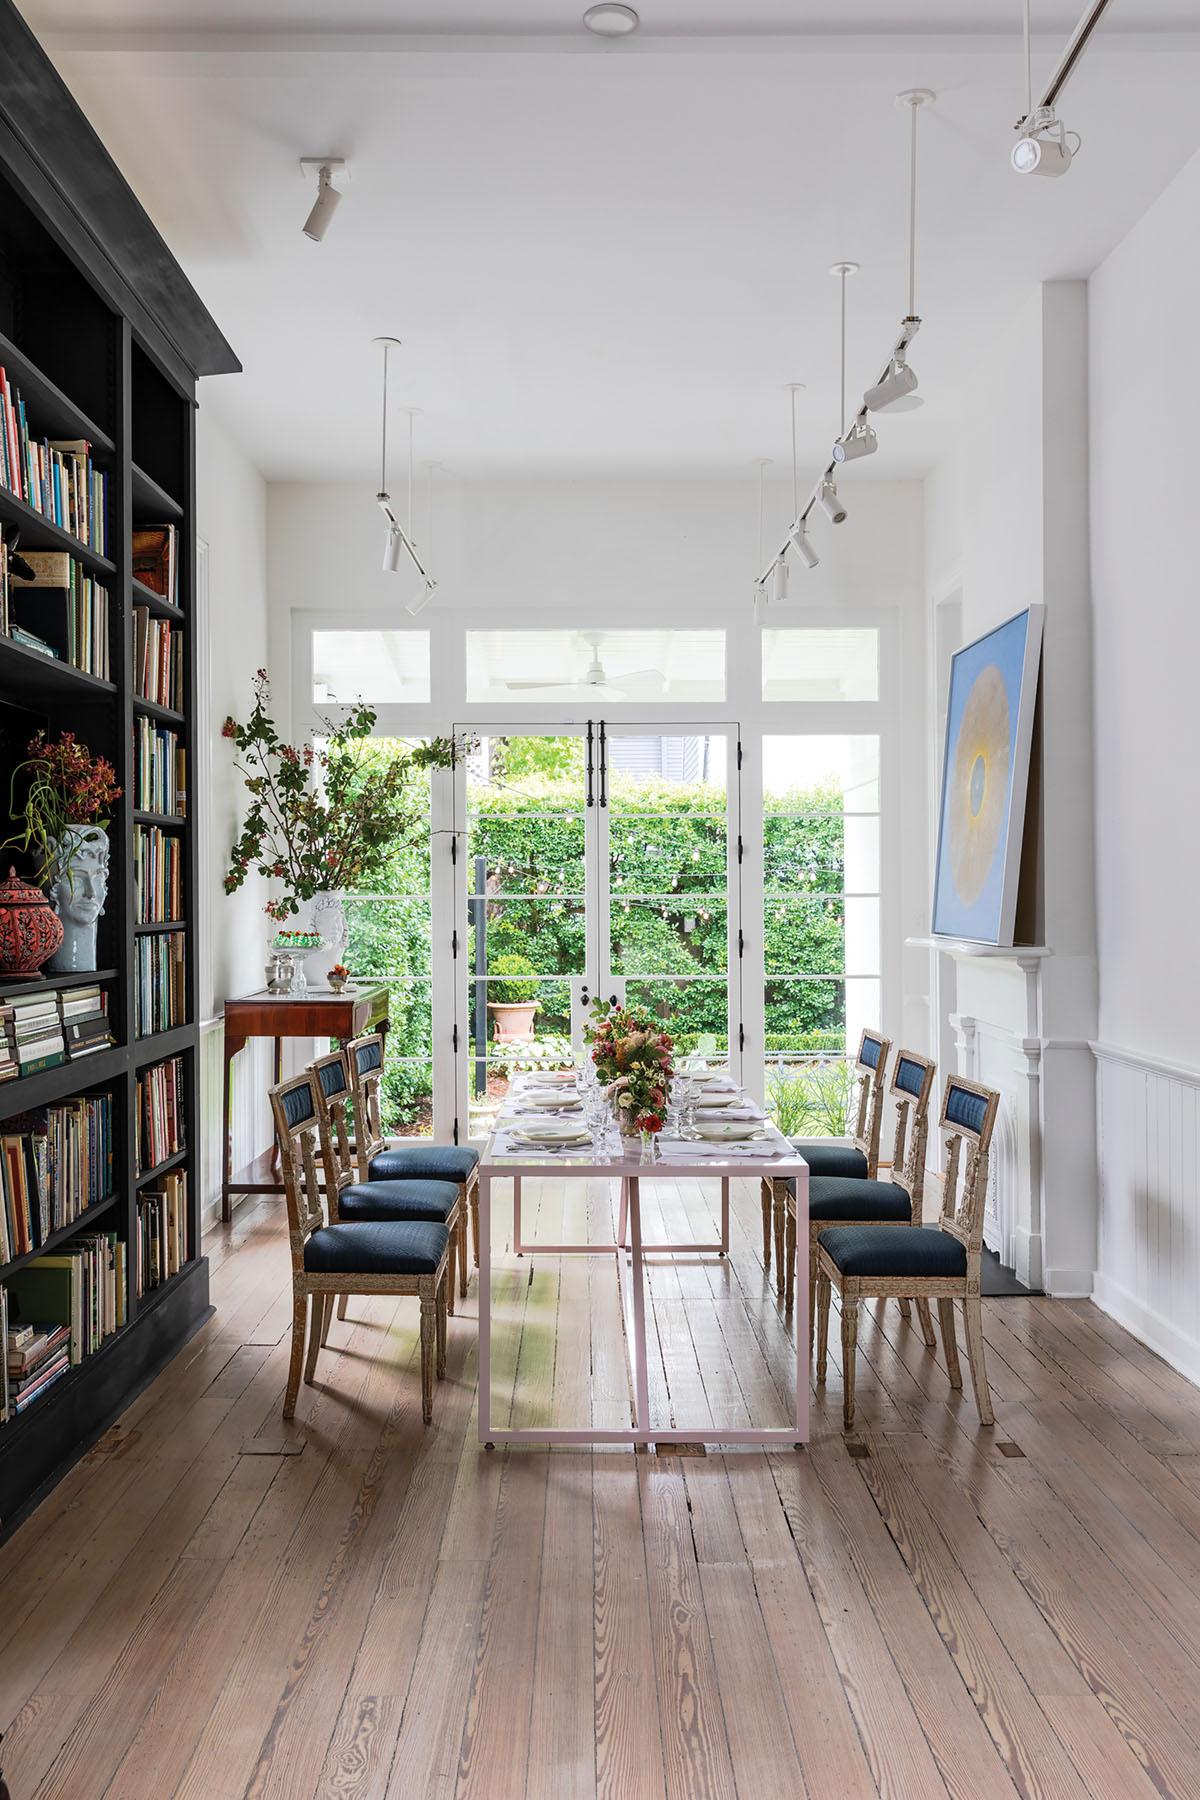 Brockschmidt & Coleman interior design studio